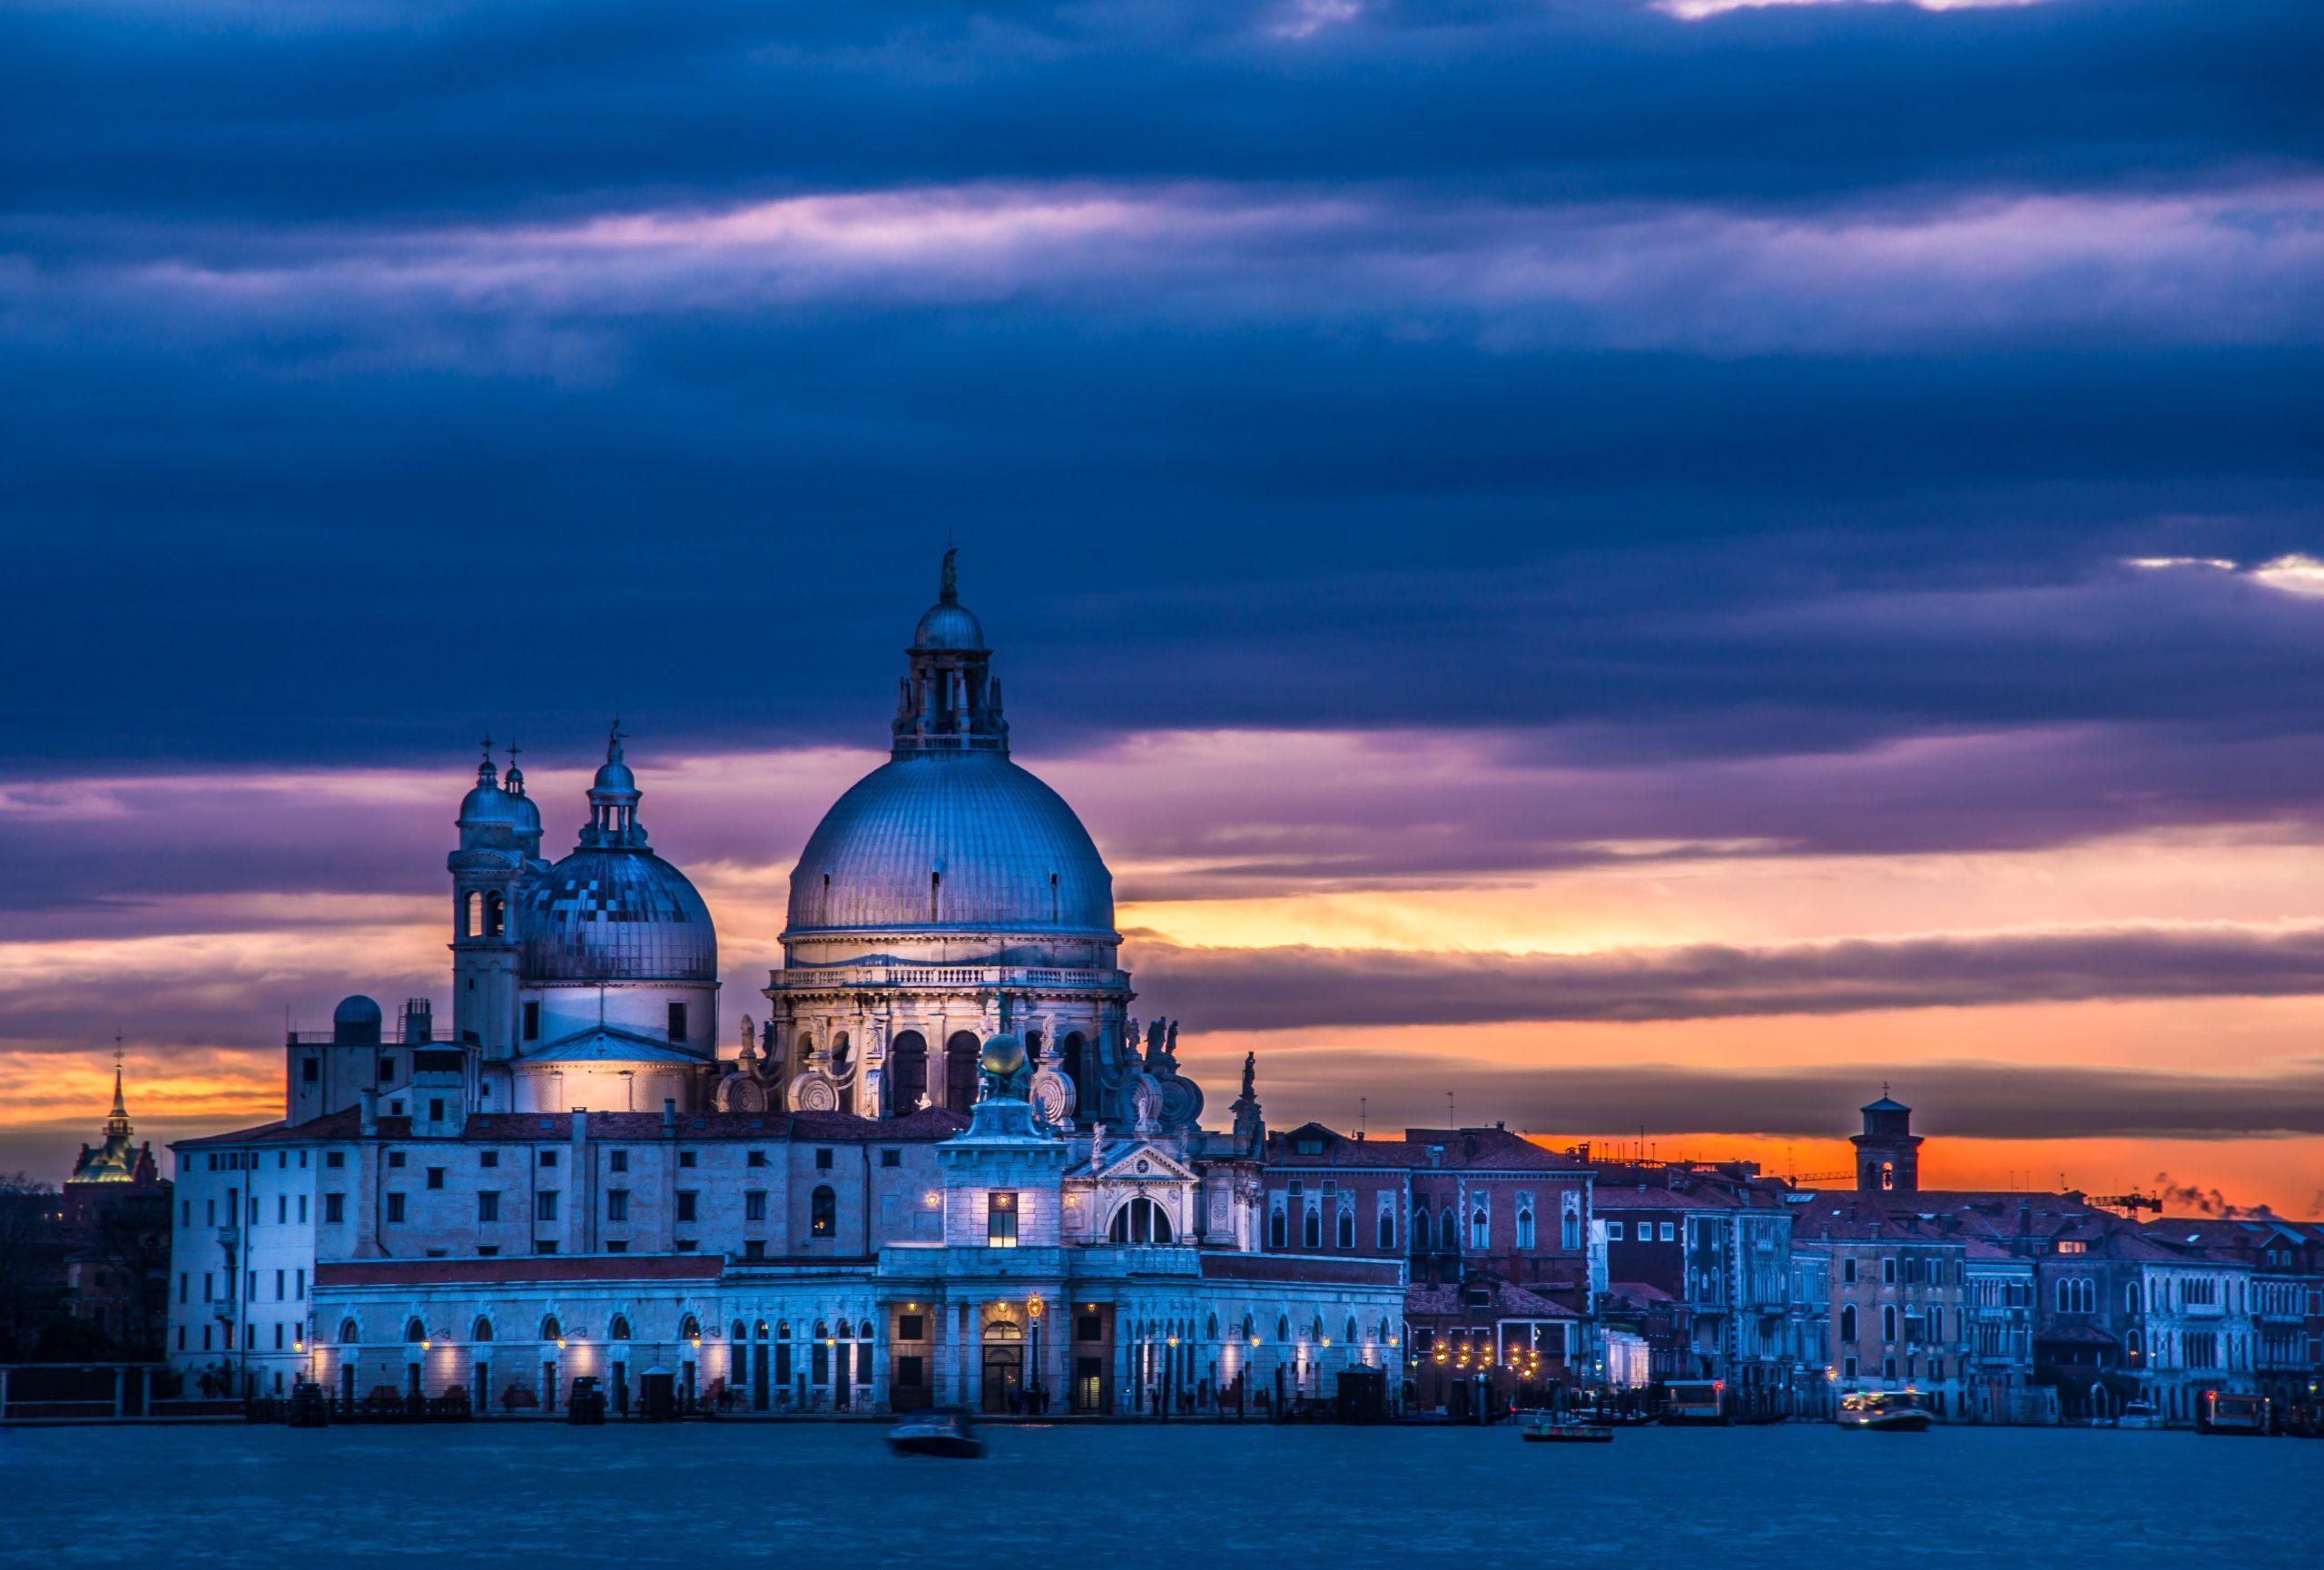 night shot of the Basilica San Maria della Salute.